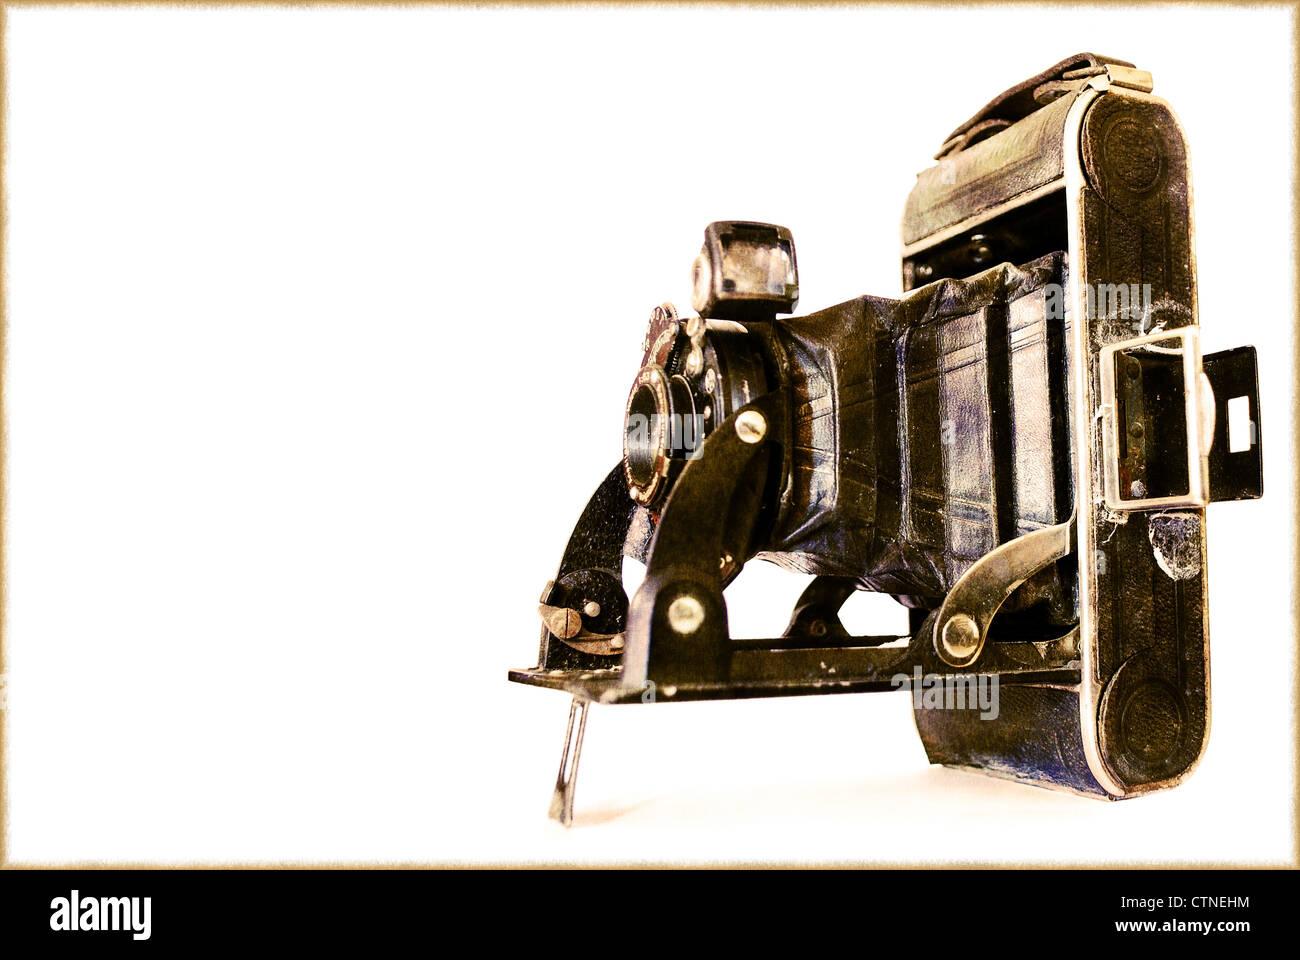 vintage old style photo camera isolated on white background - Stock Image